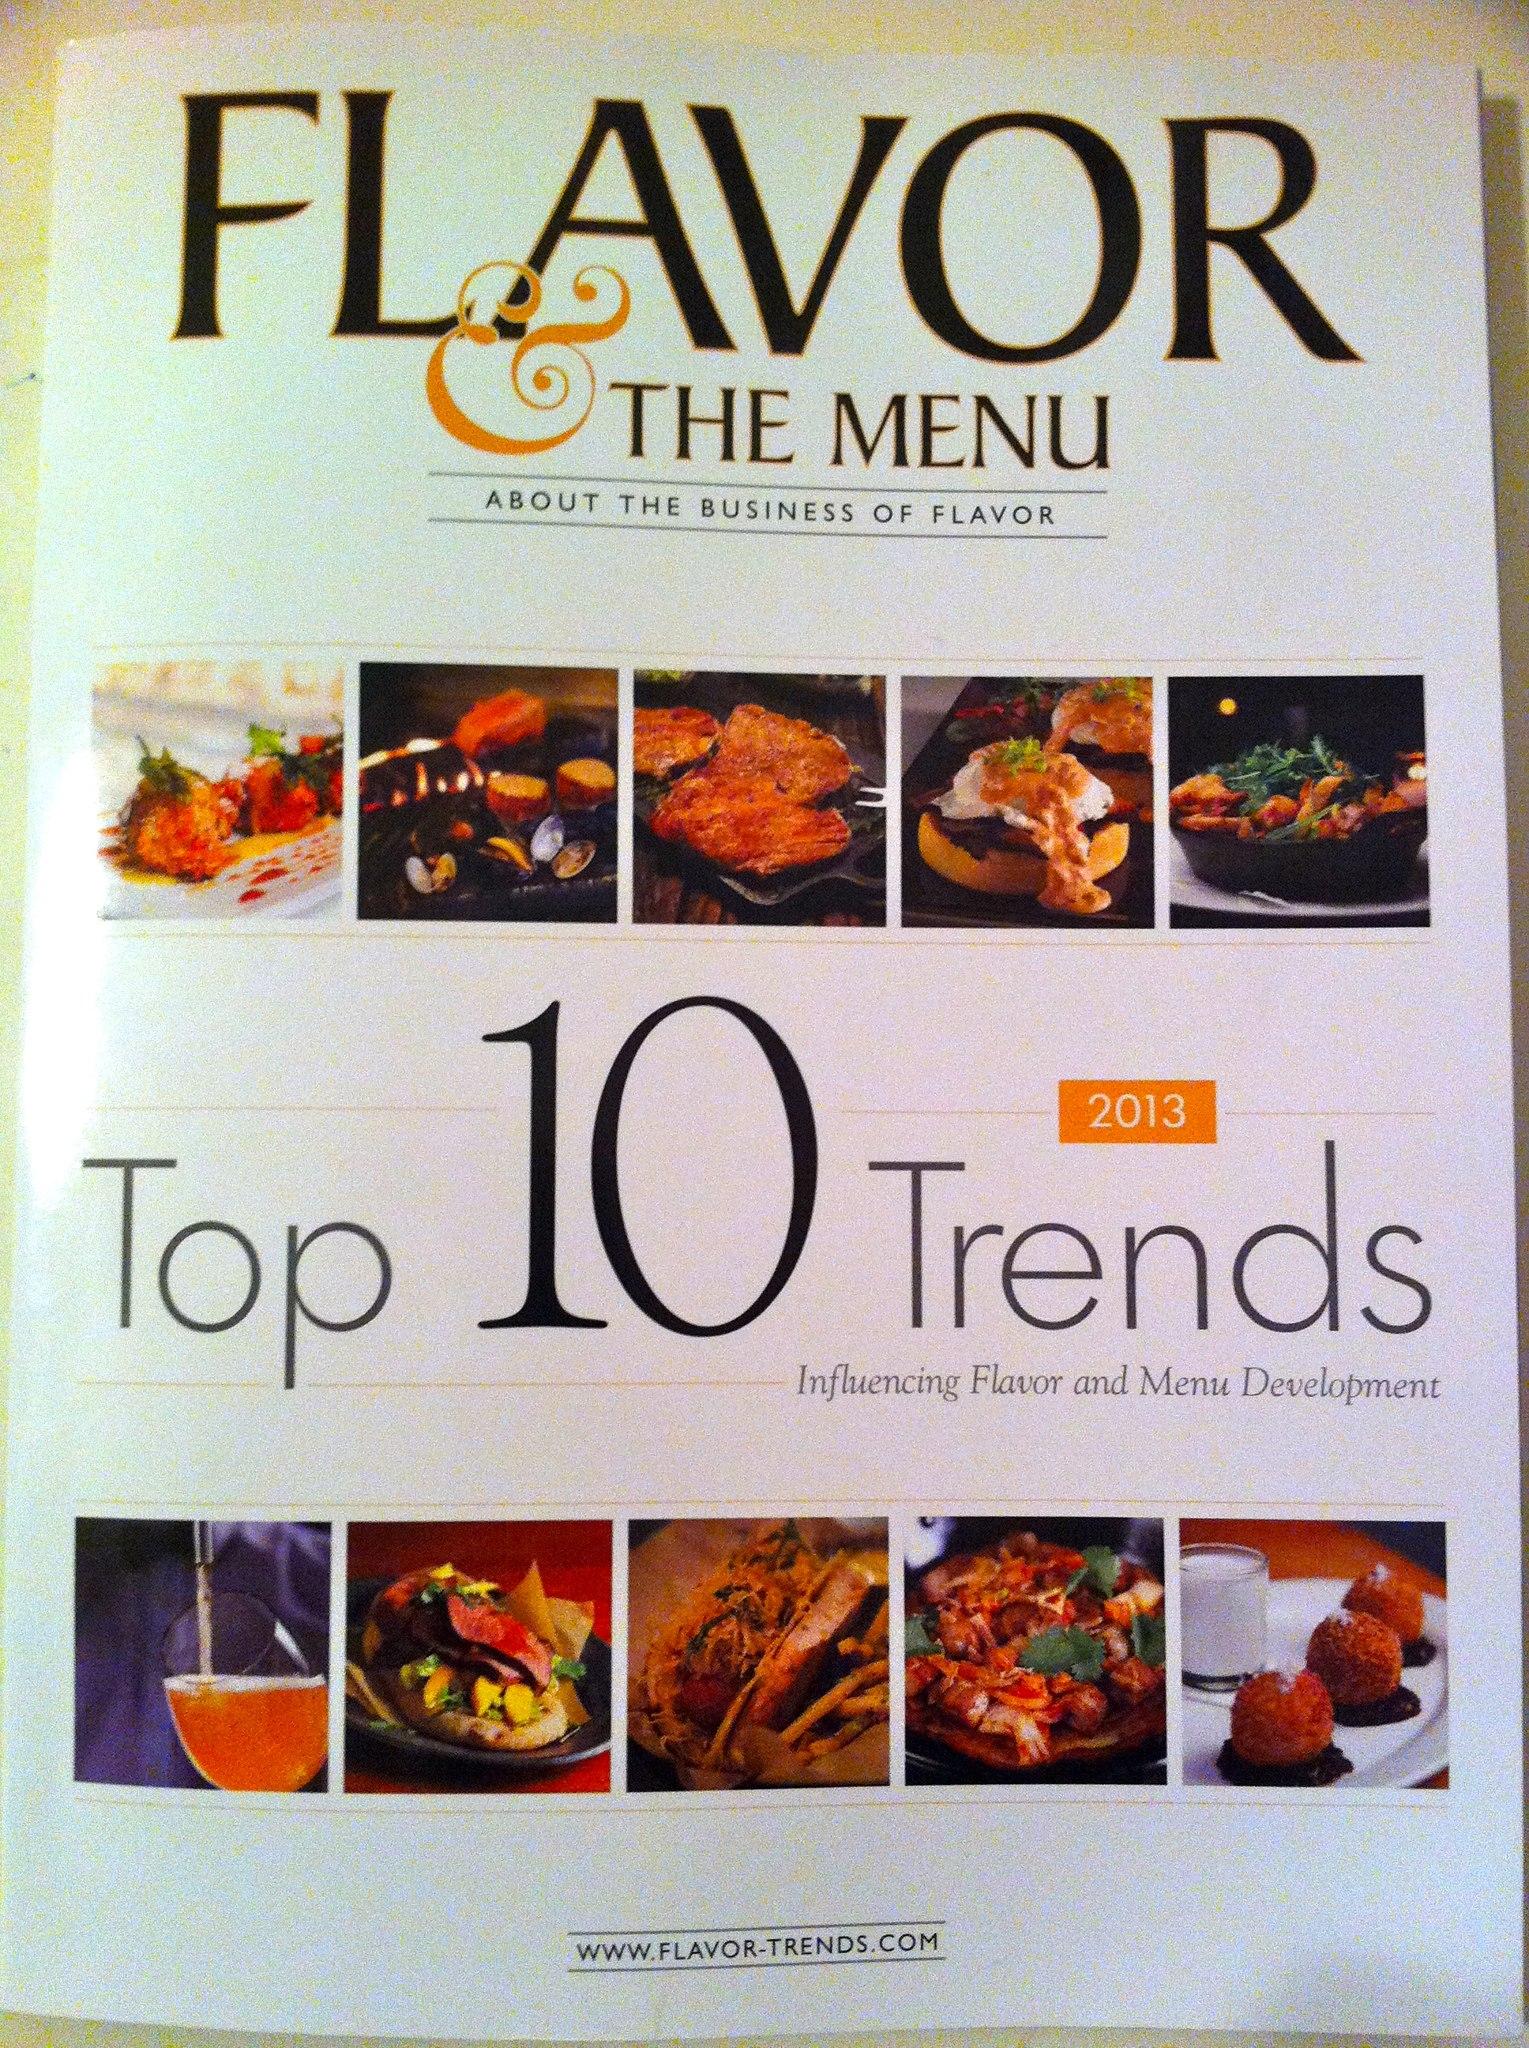 Top 10 Trends 2013